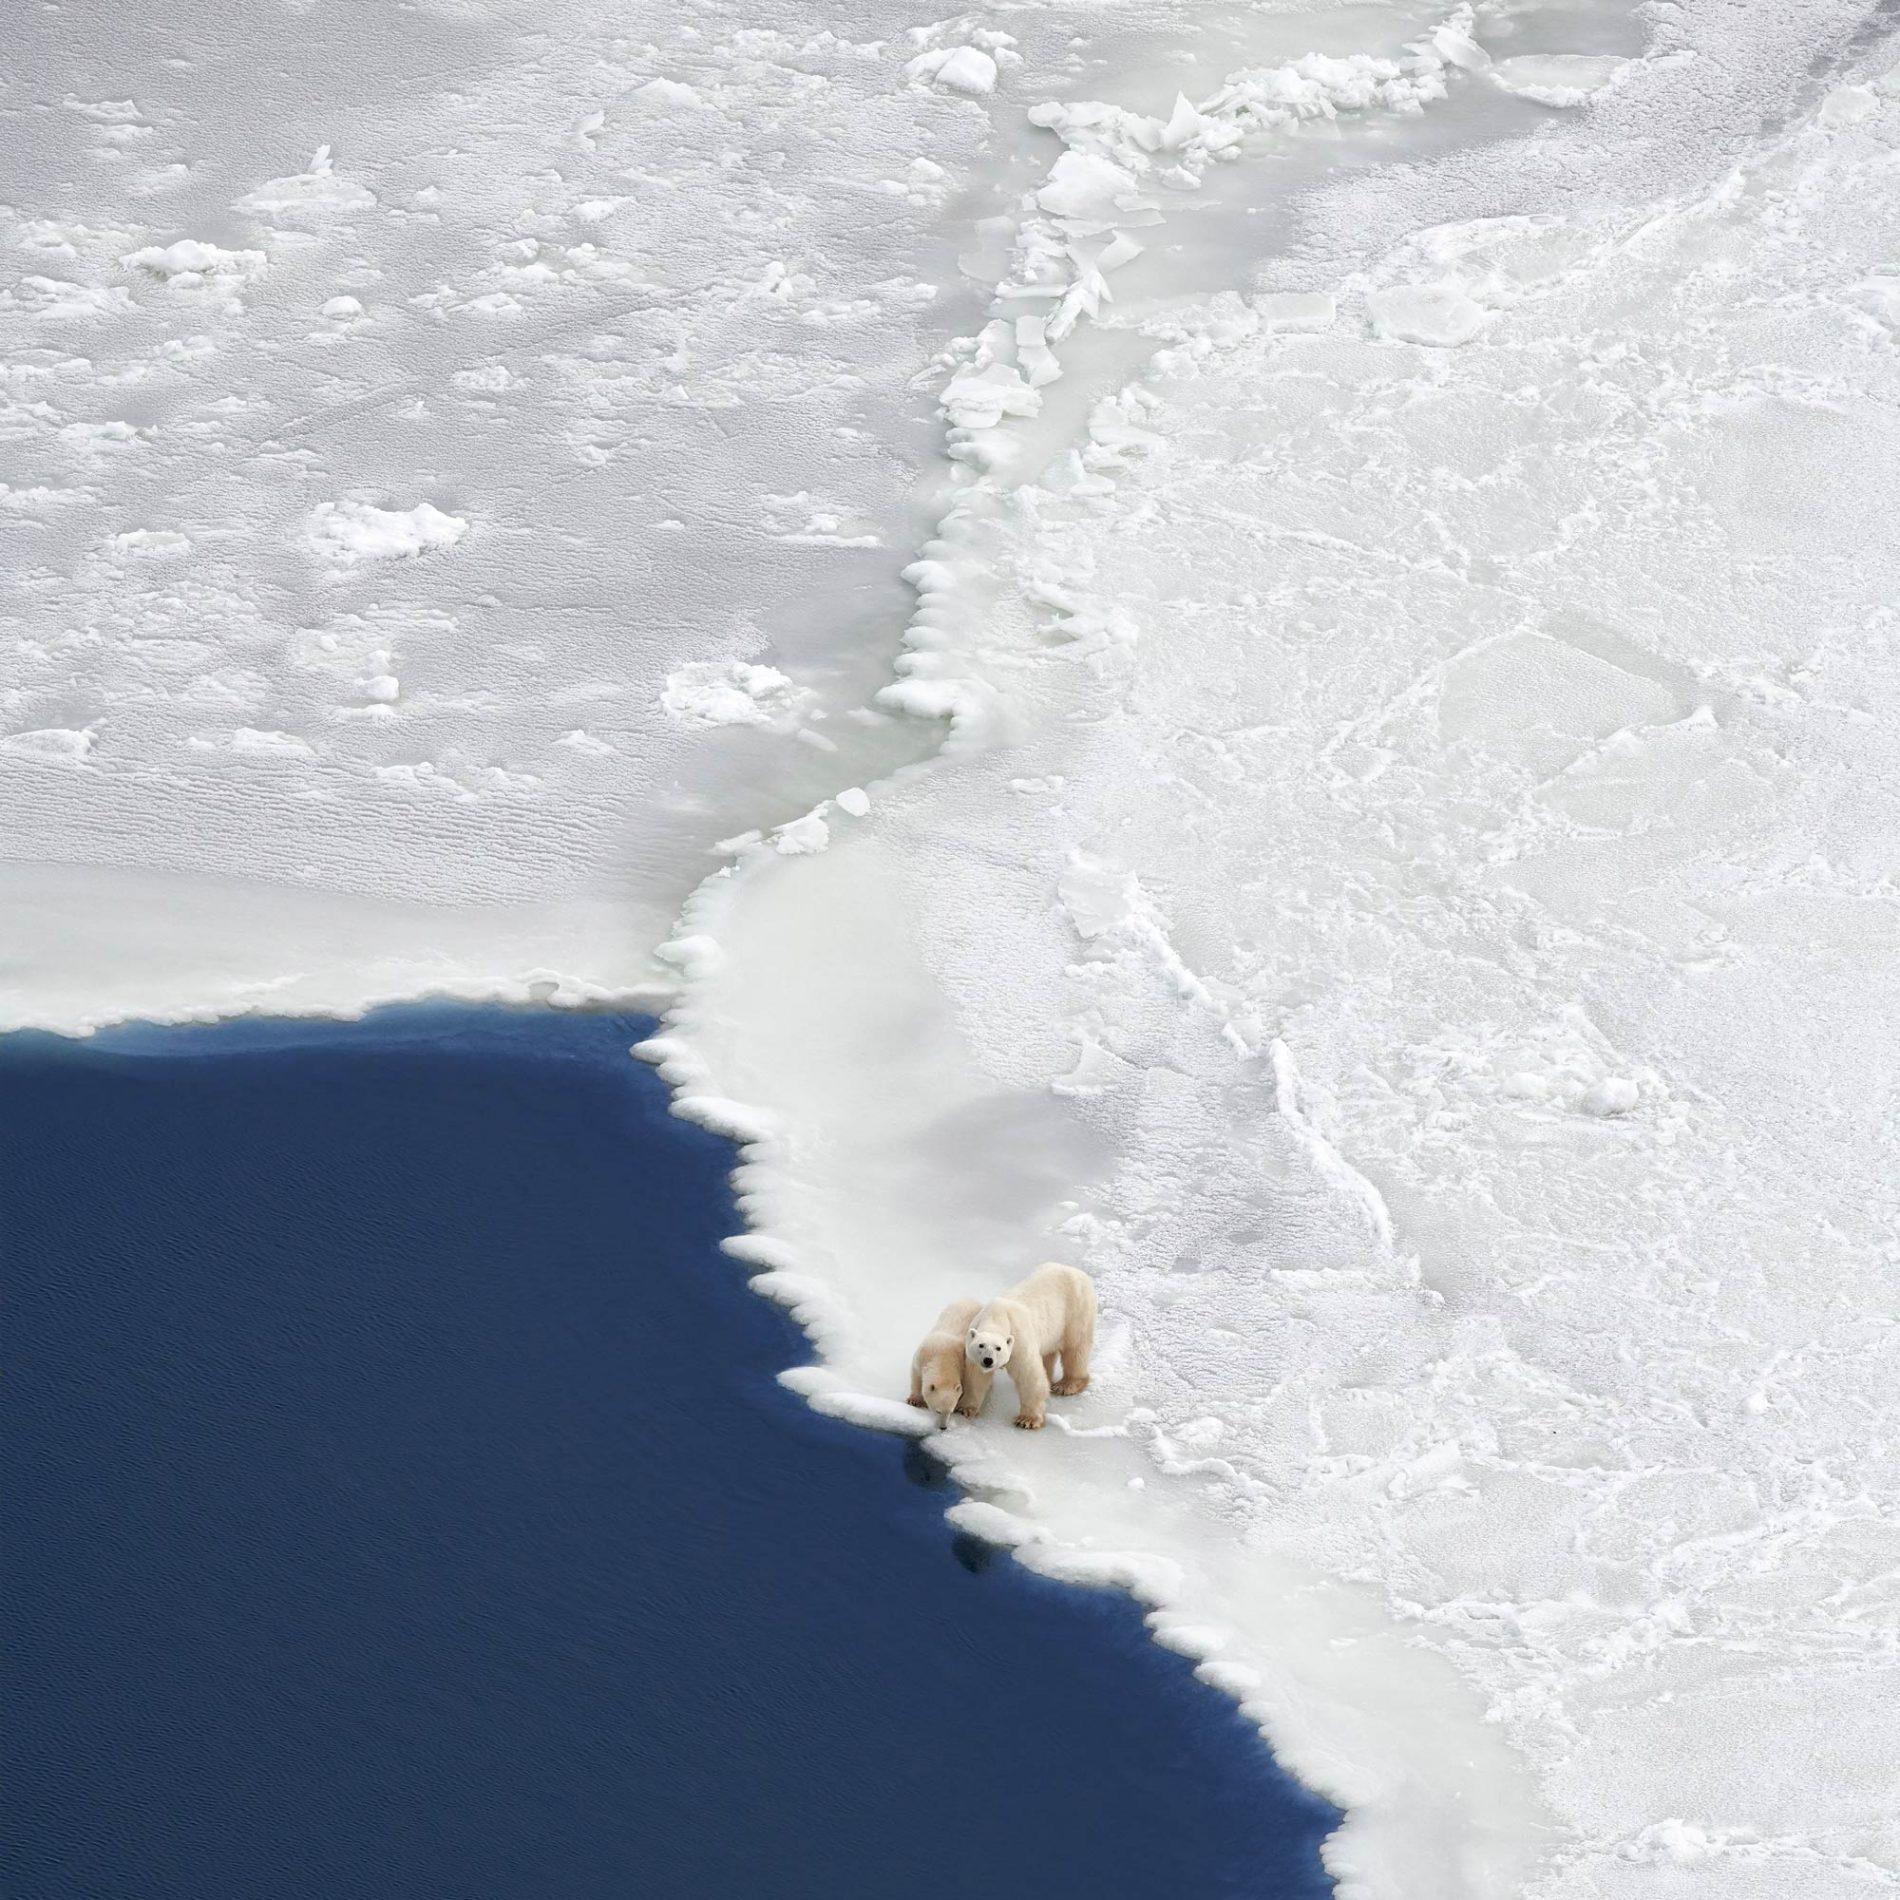 Polar bears on the edge of an ice shelf